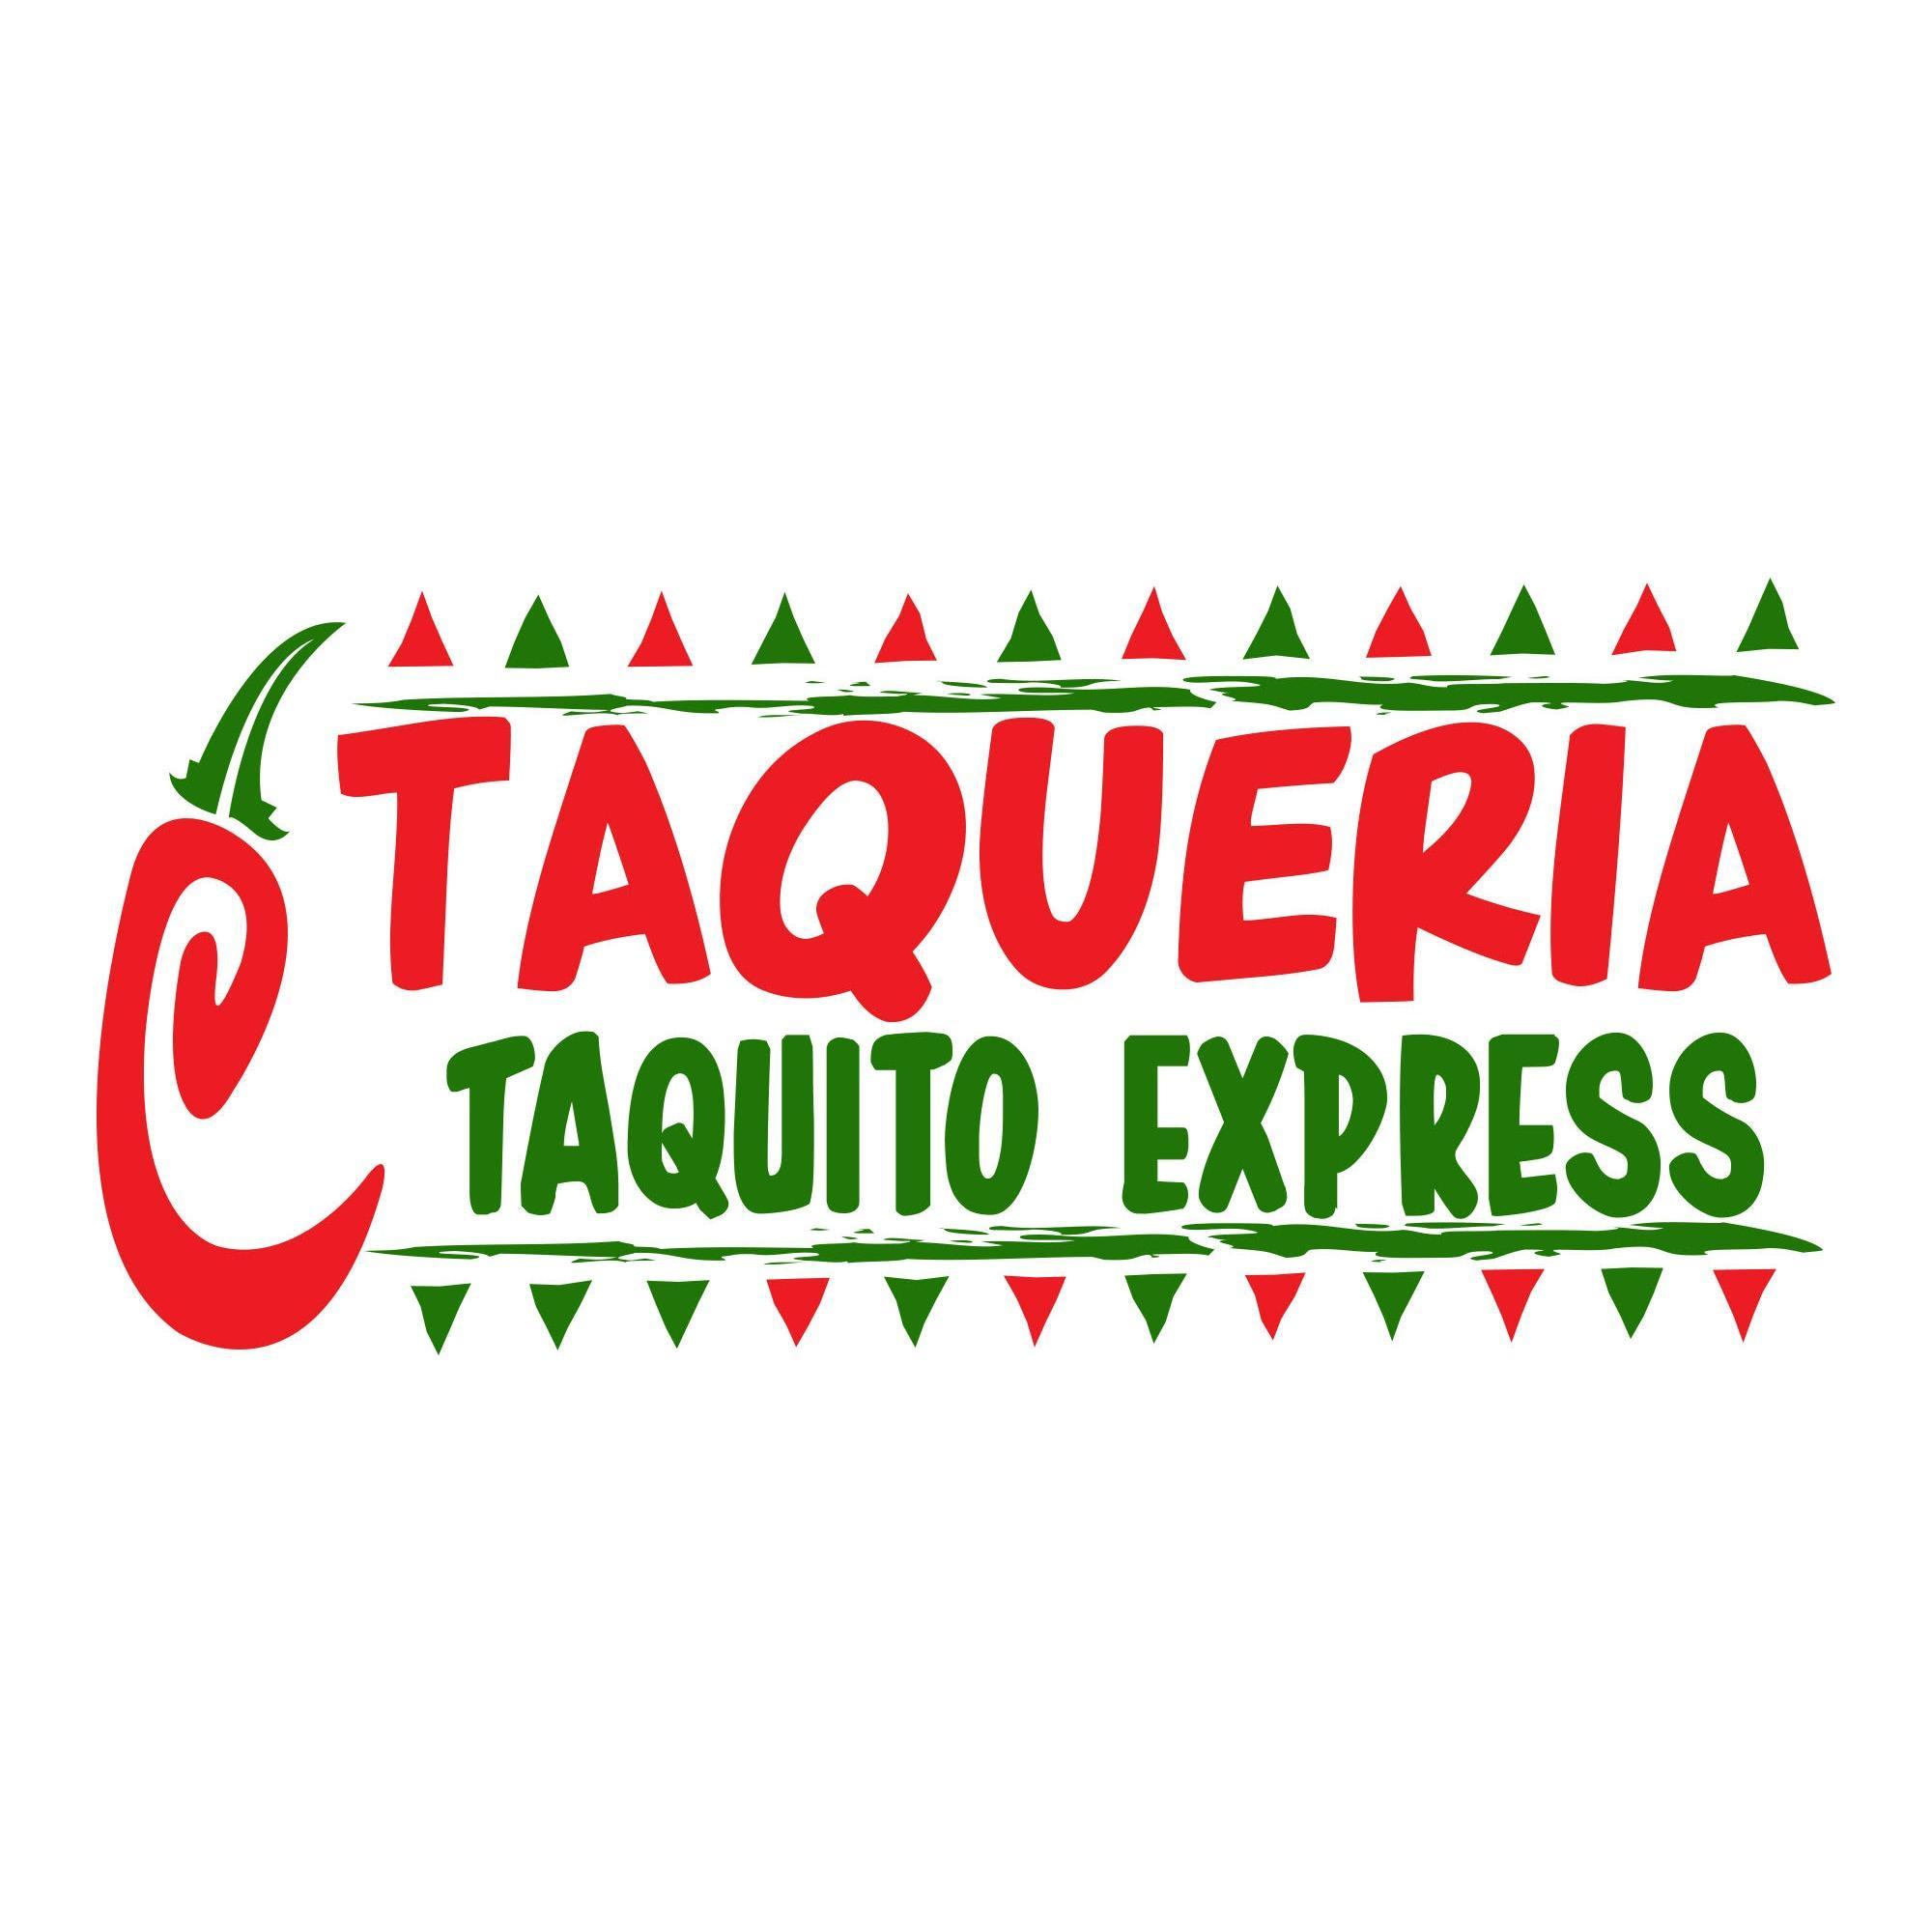 Taqueria Taquito Express